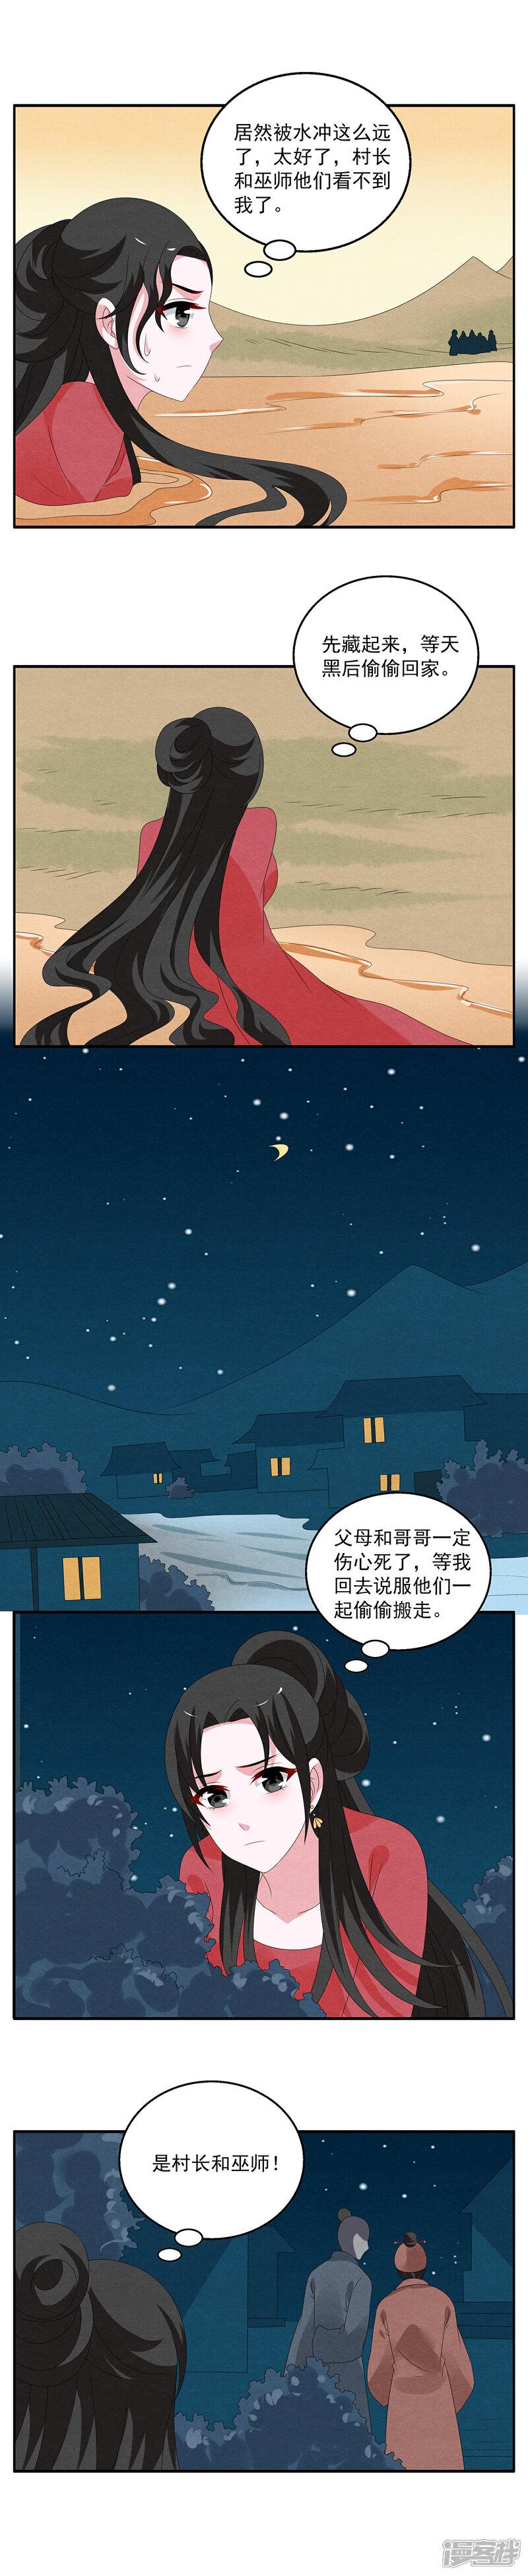 洛小妖110 (5).JPG